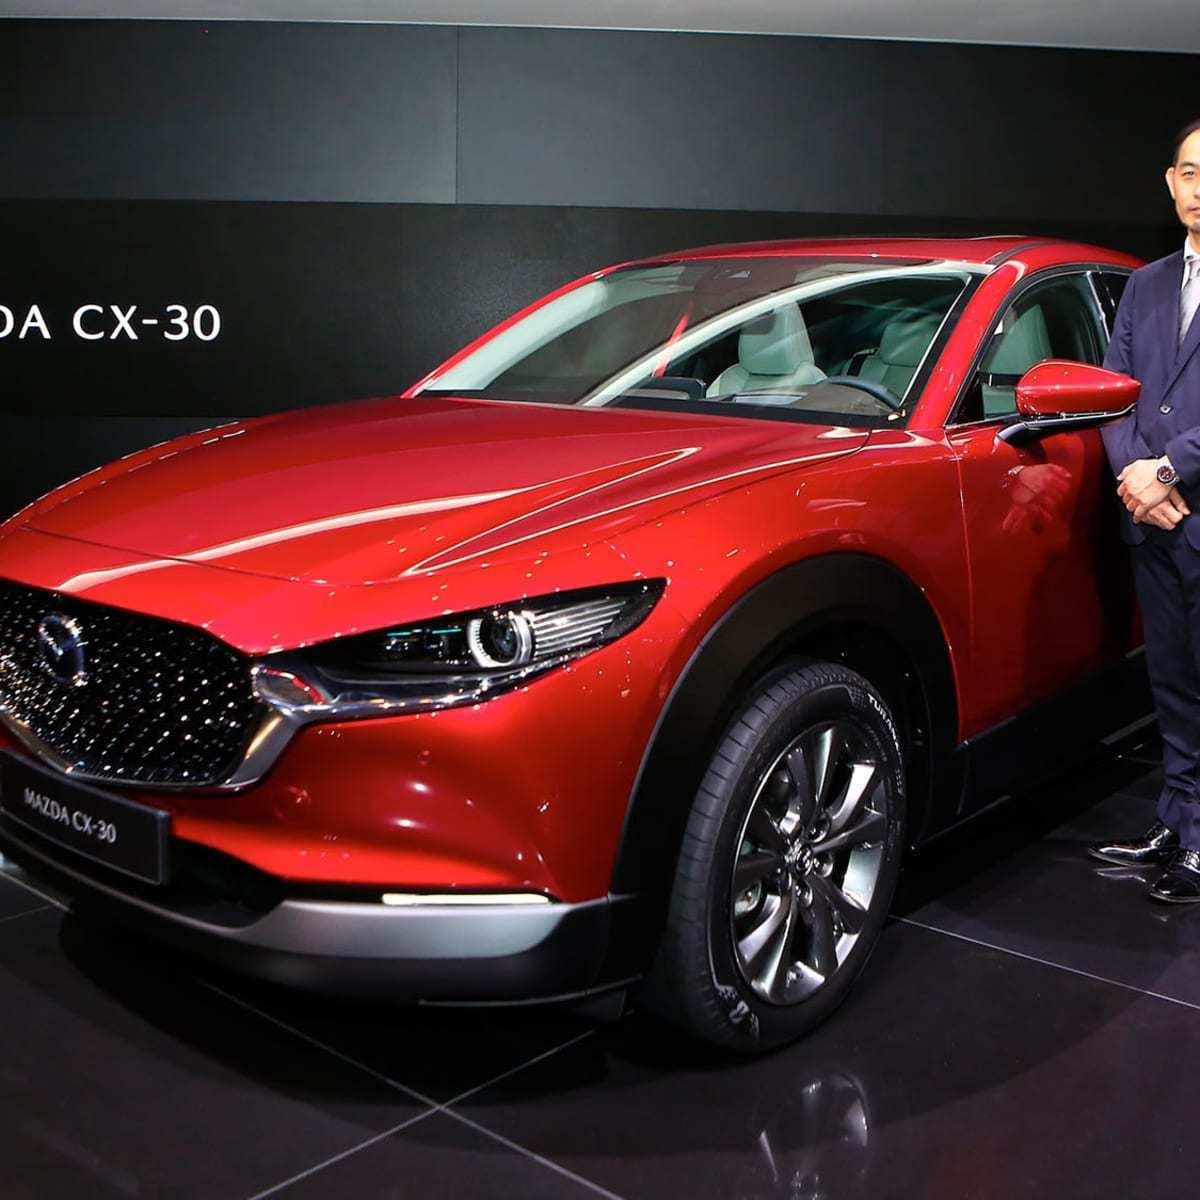 25 Gallery of 2020 Mazda Cx 30 Price Reviews by 2020 Mazda Cx 30 Price